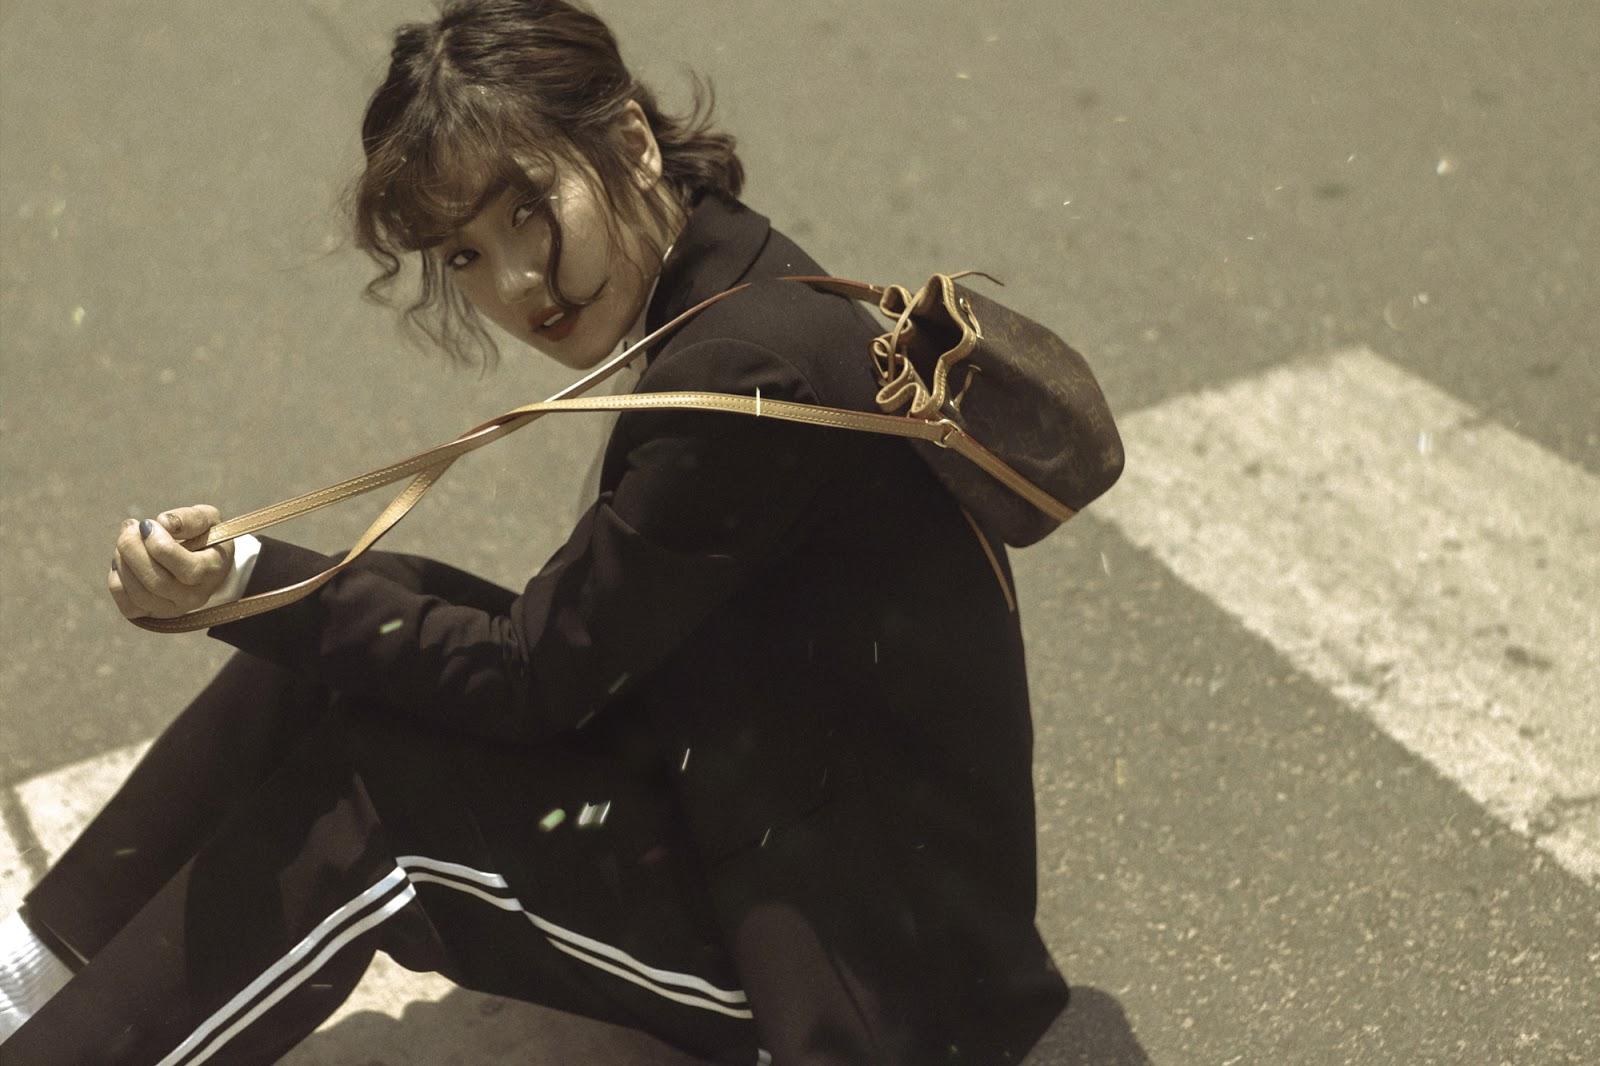 Hoàng Yến Chibi: Làm diễn viên cần có thời, cờ đến tay thì cứ thế phất - Hình 16